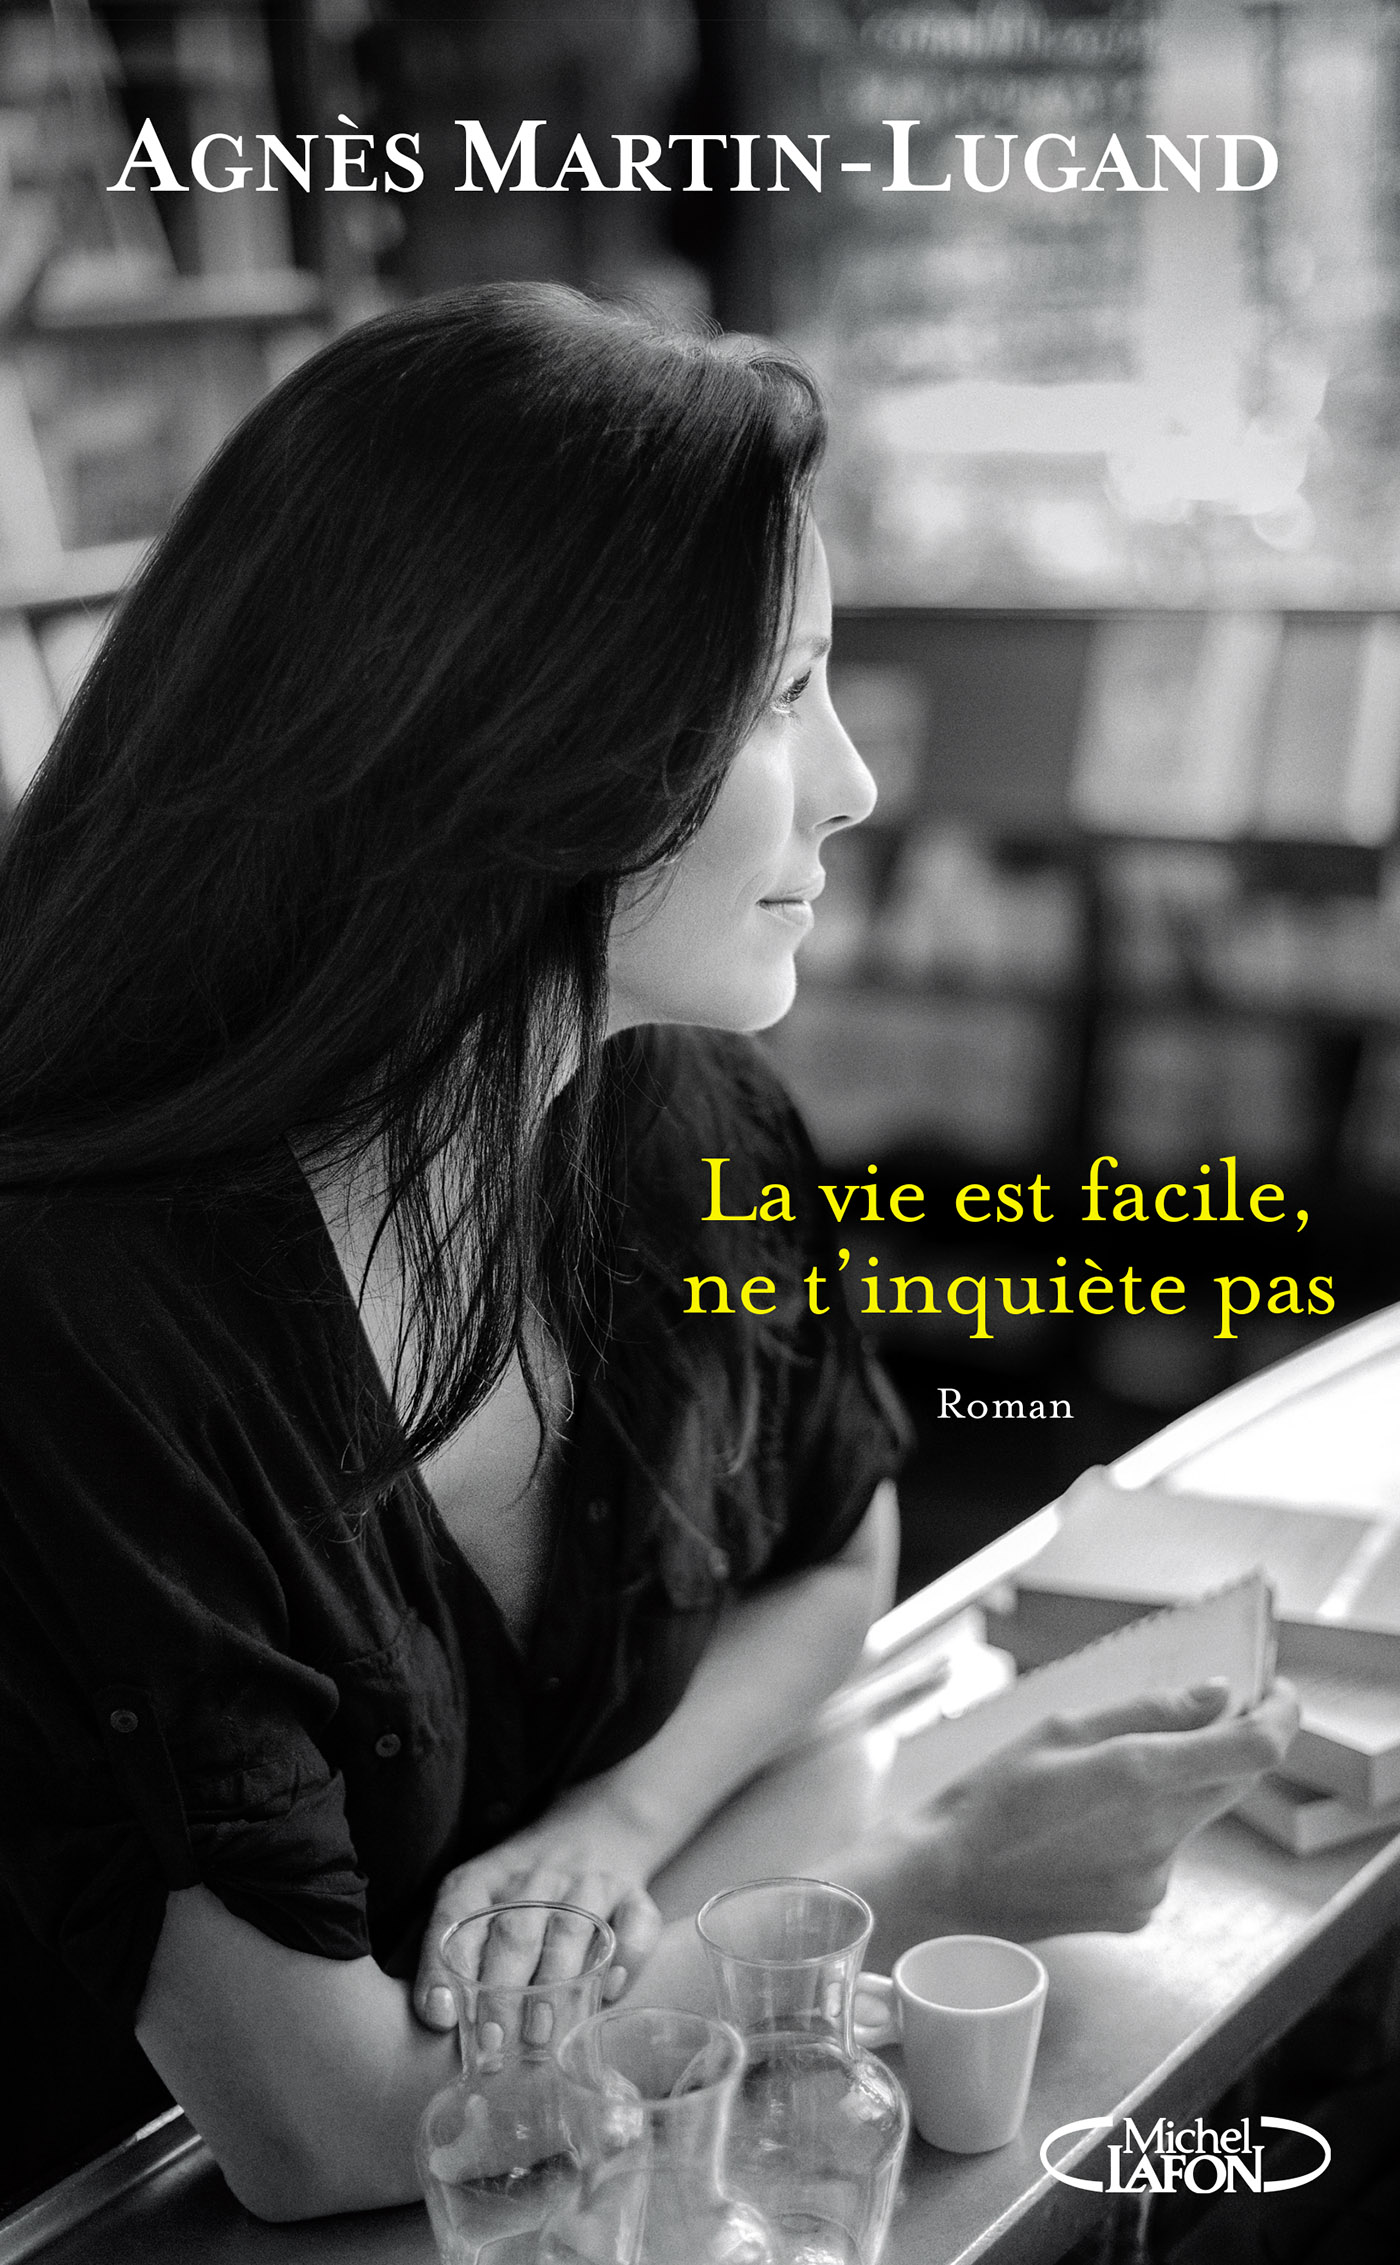 Agnès Martin Lugand - Couverture Grand Format - La vie est facile ne t'inquiète pas